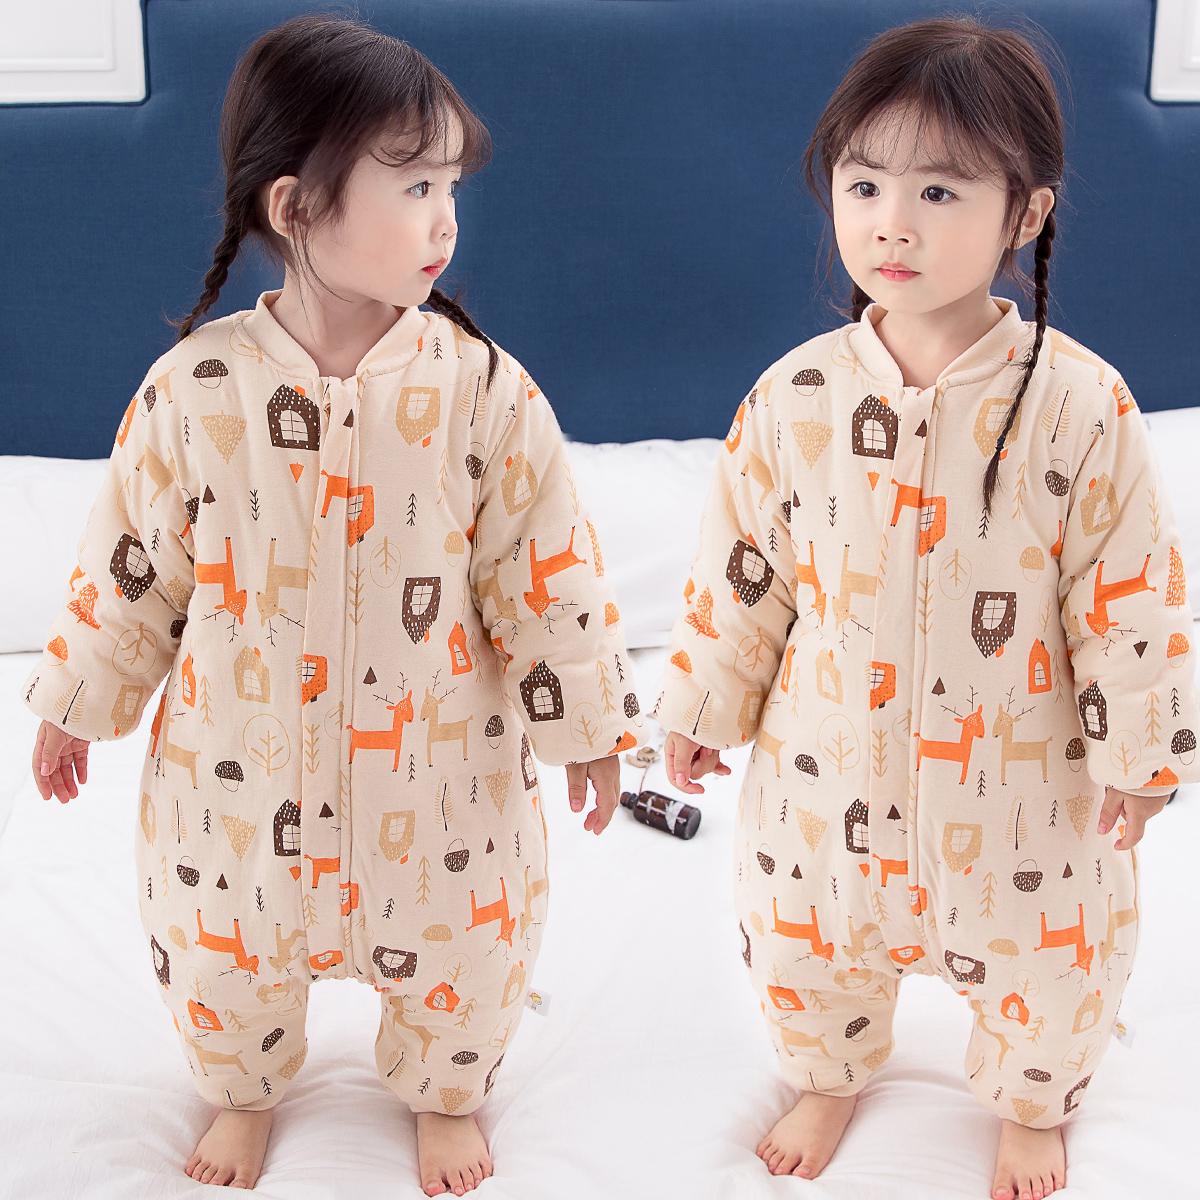 新生婴儿纯棉睡袋宝宝秋冬季加棉加厚连体睡衣四季通用分腿防踢被